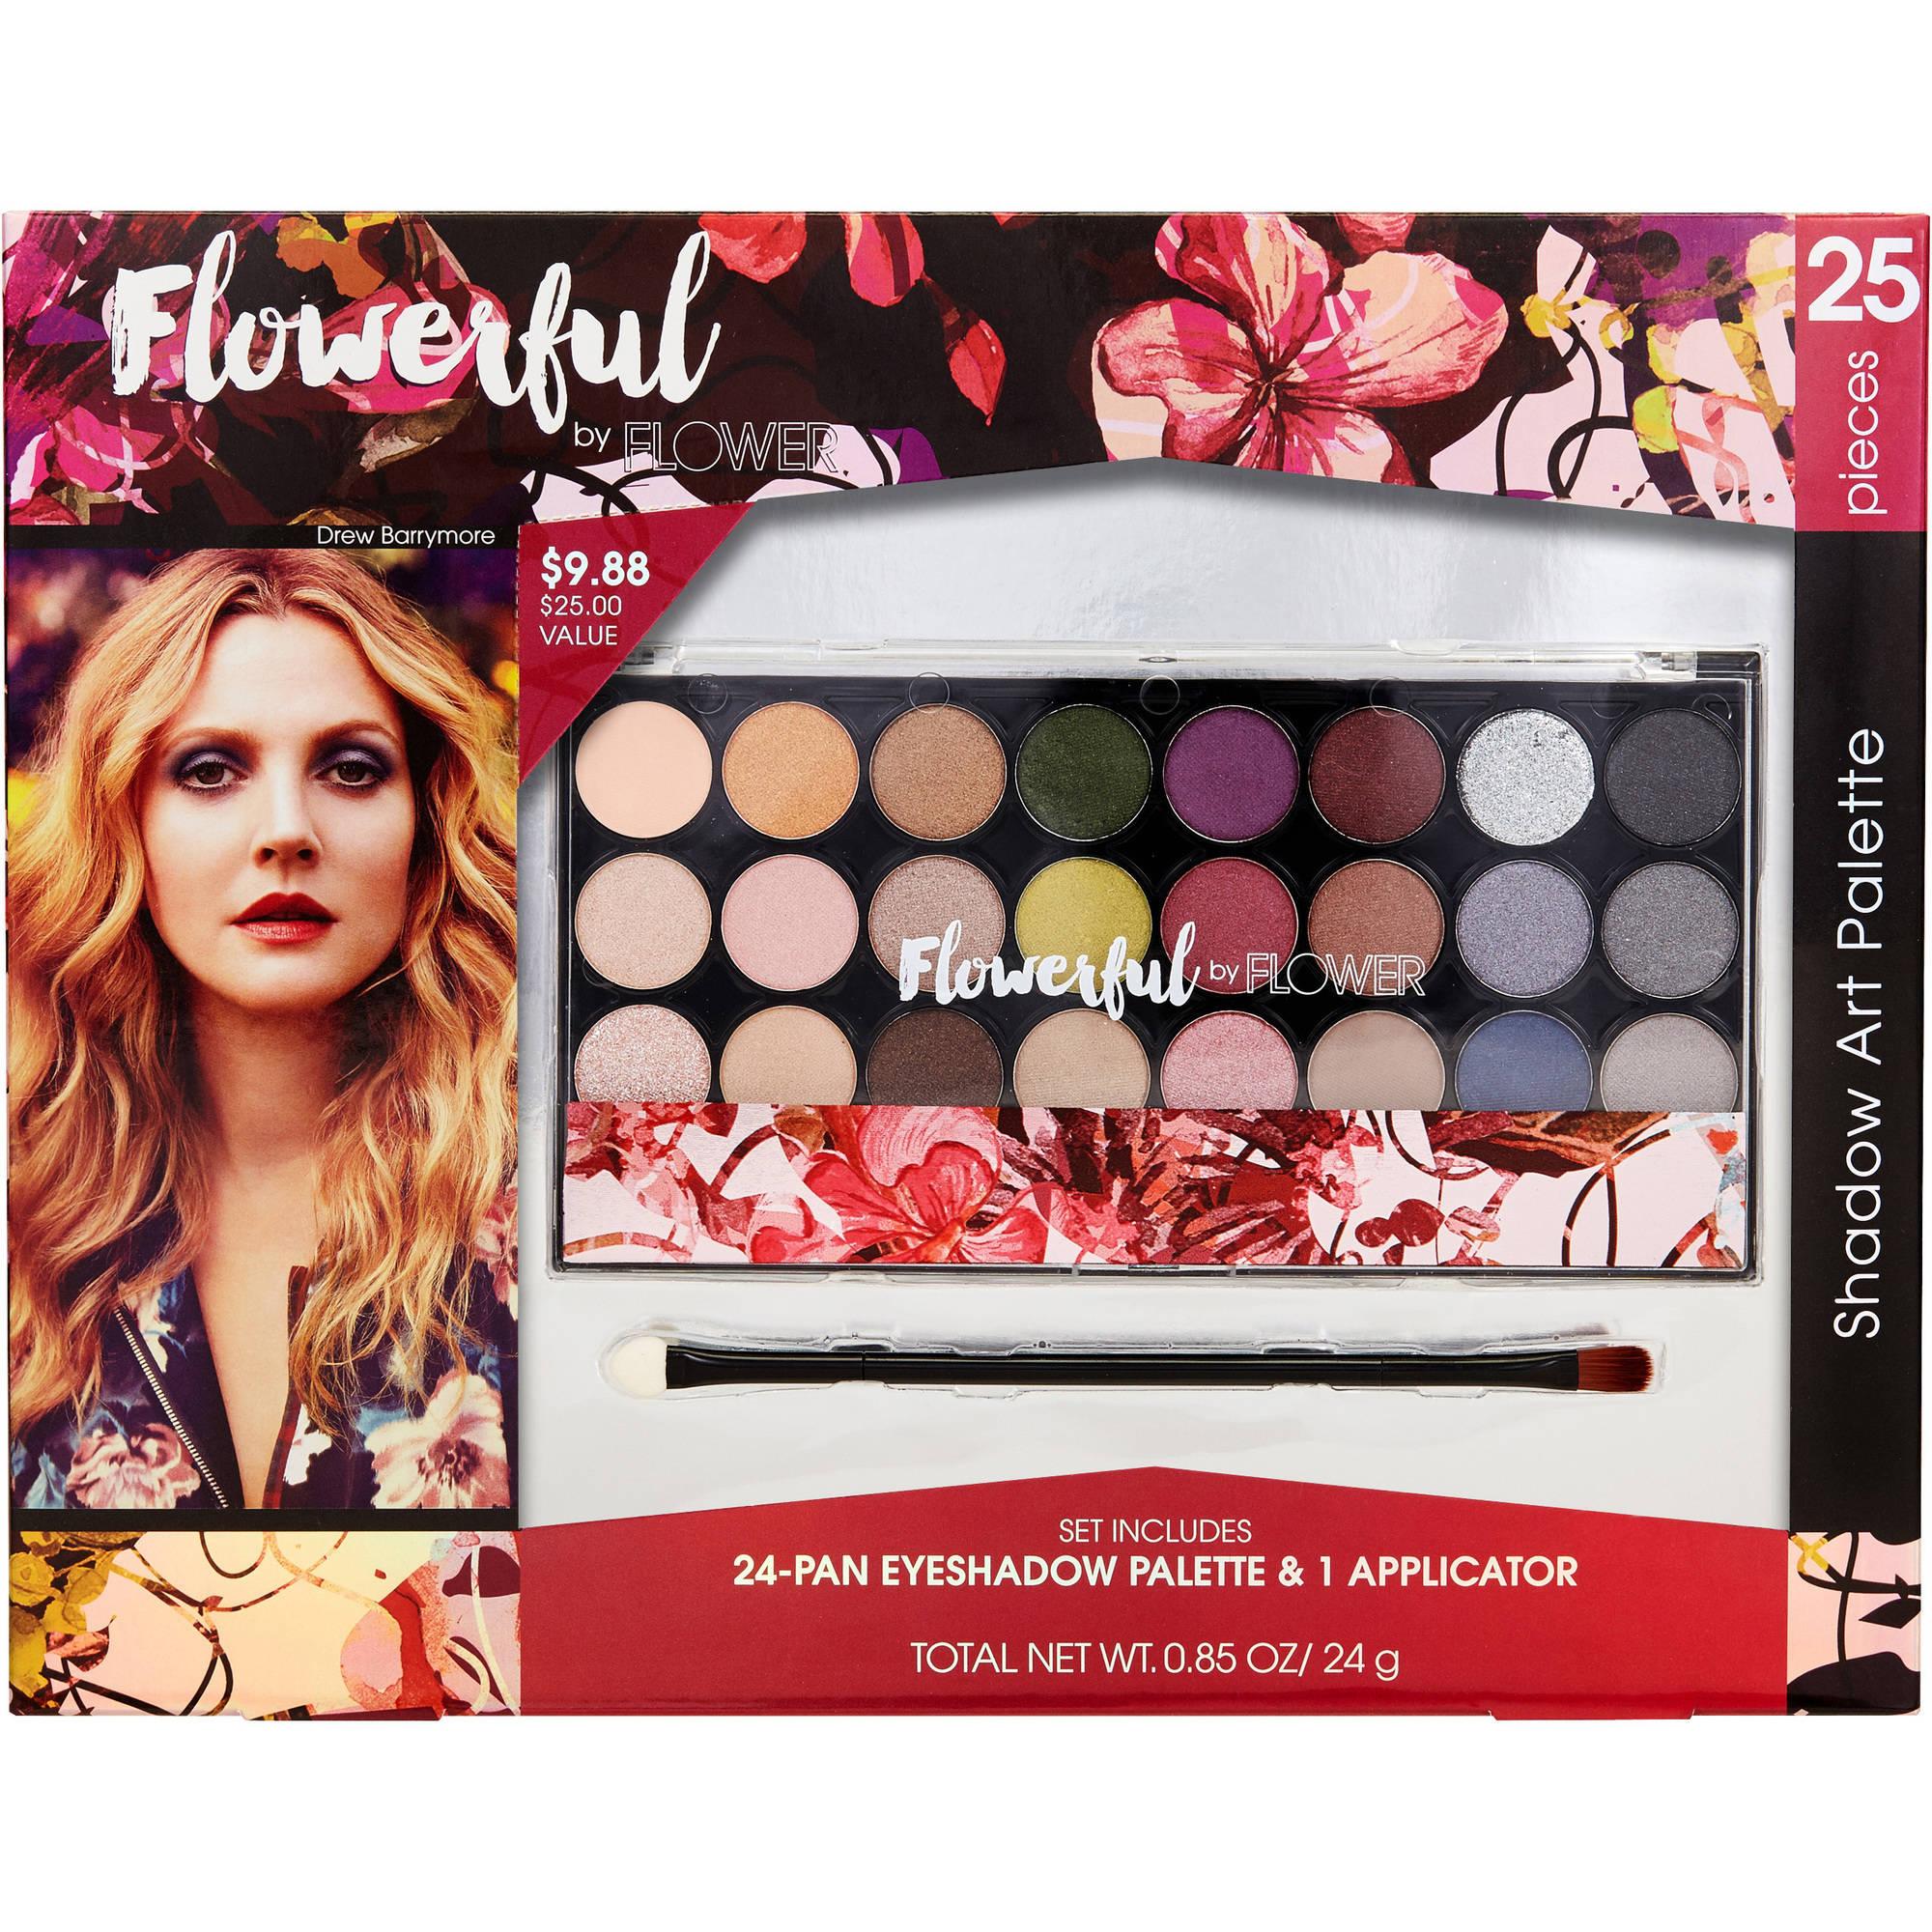 Flowerful by FLOWER Beauty Shadow Art Palette